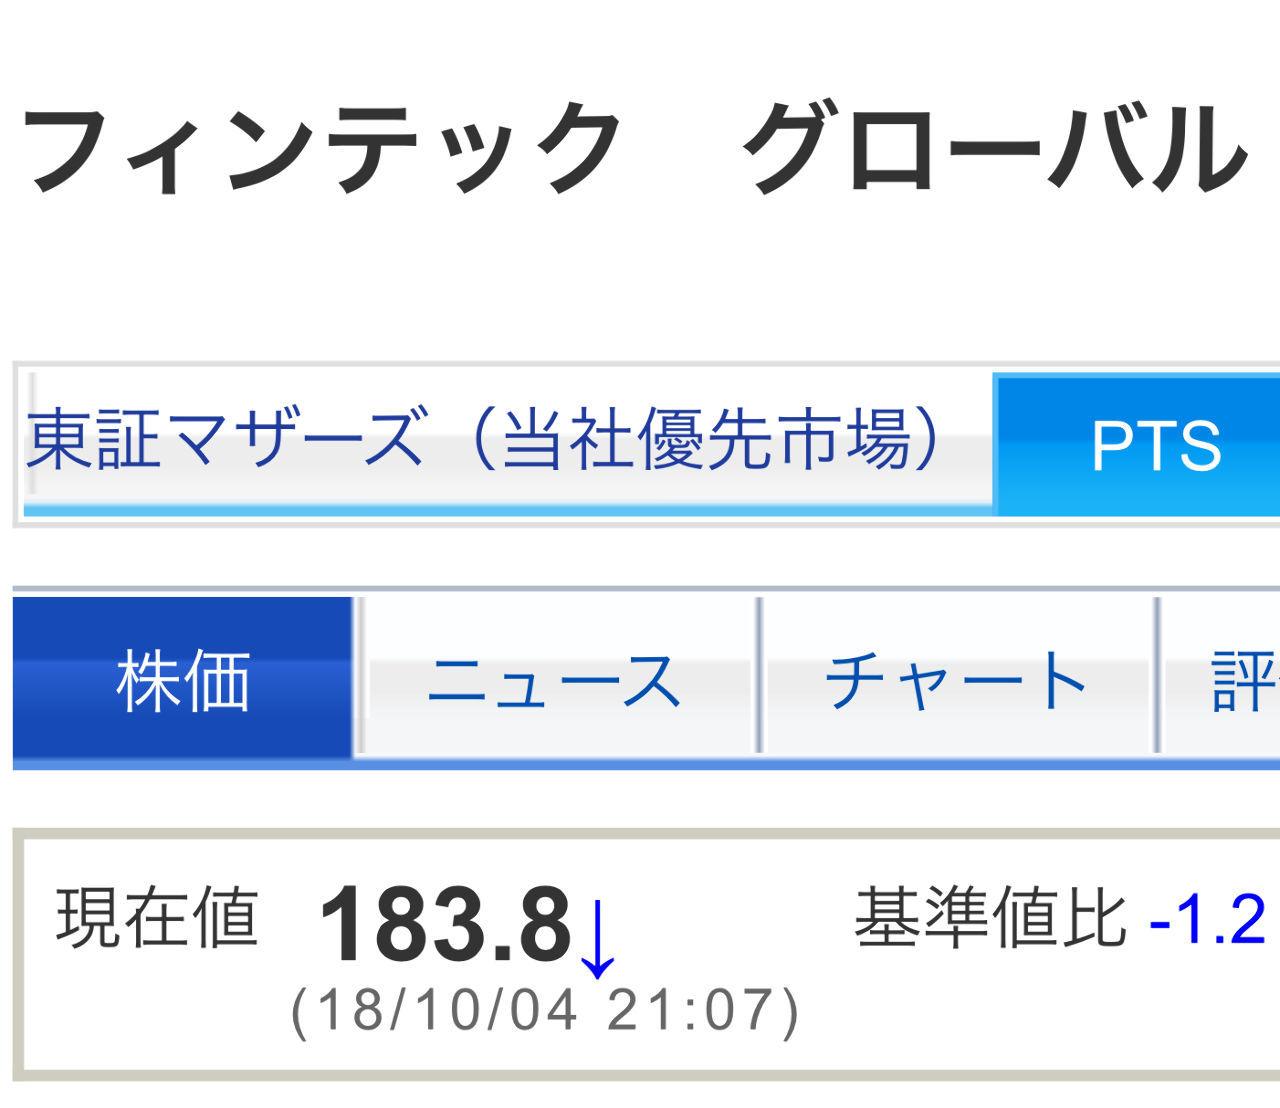 8789 - フィンテック グローバル(株) Kabureki Now  PTSドンドン値下がりしていますなぁ